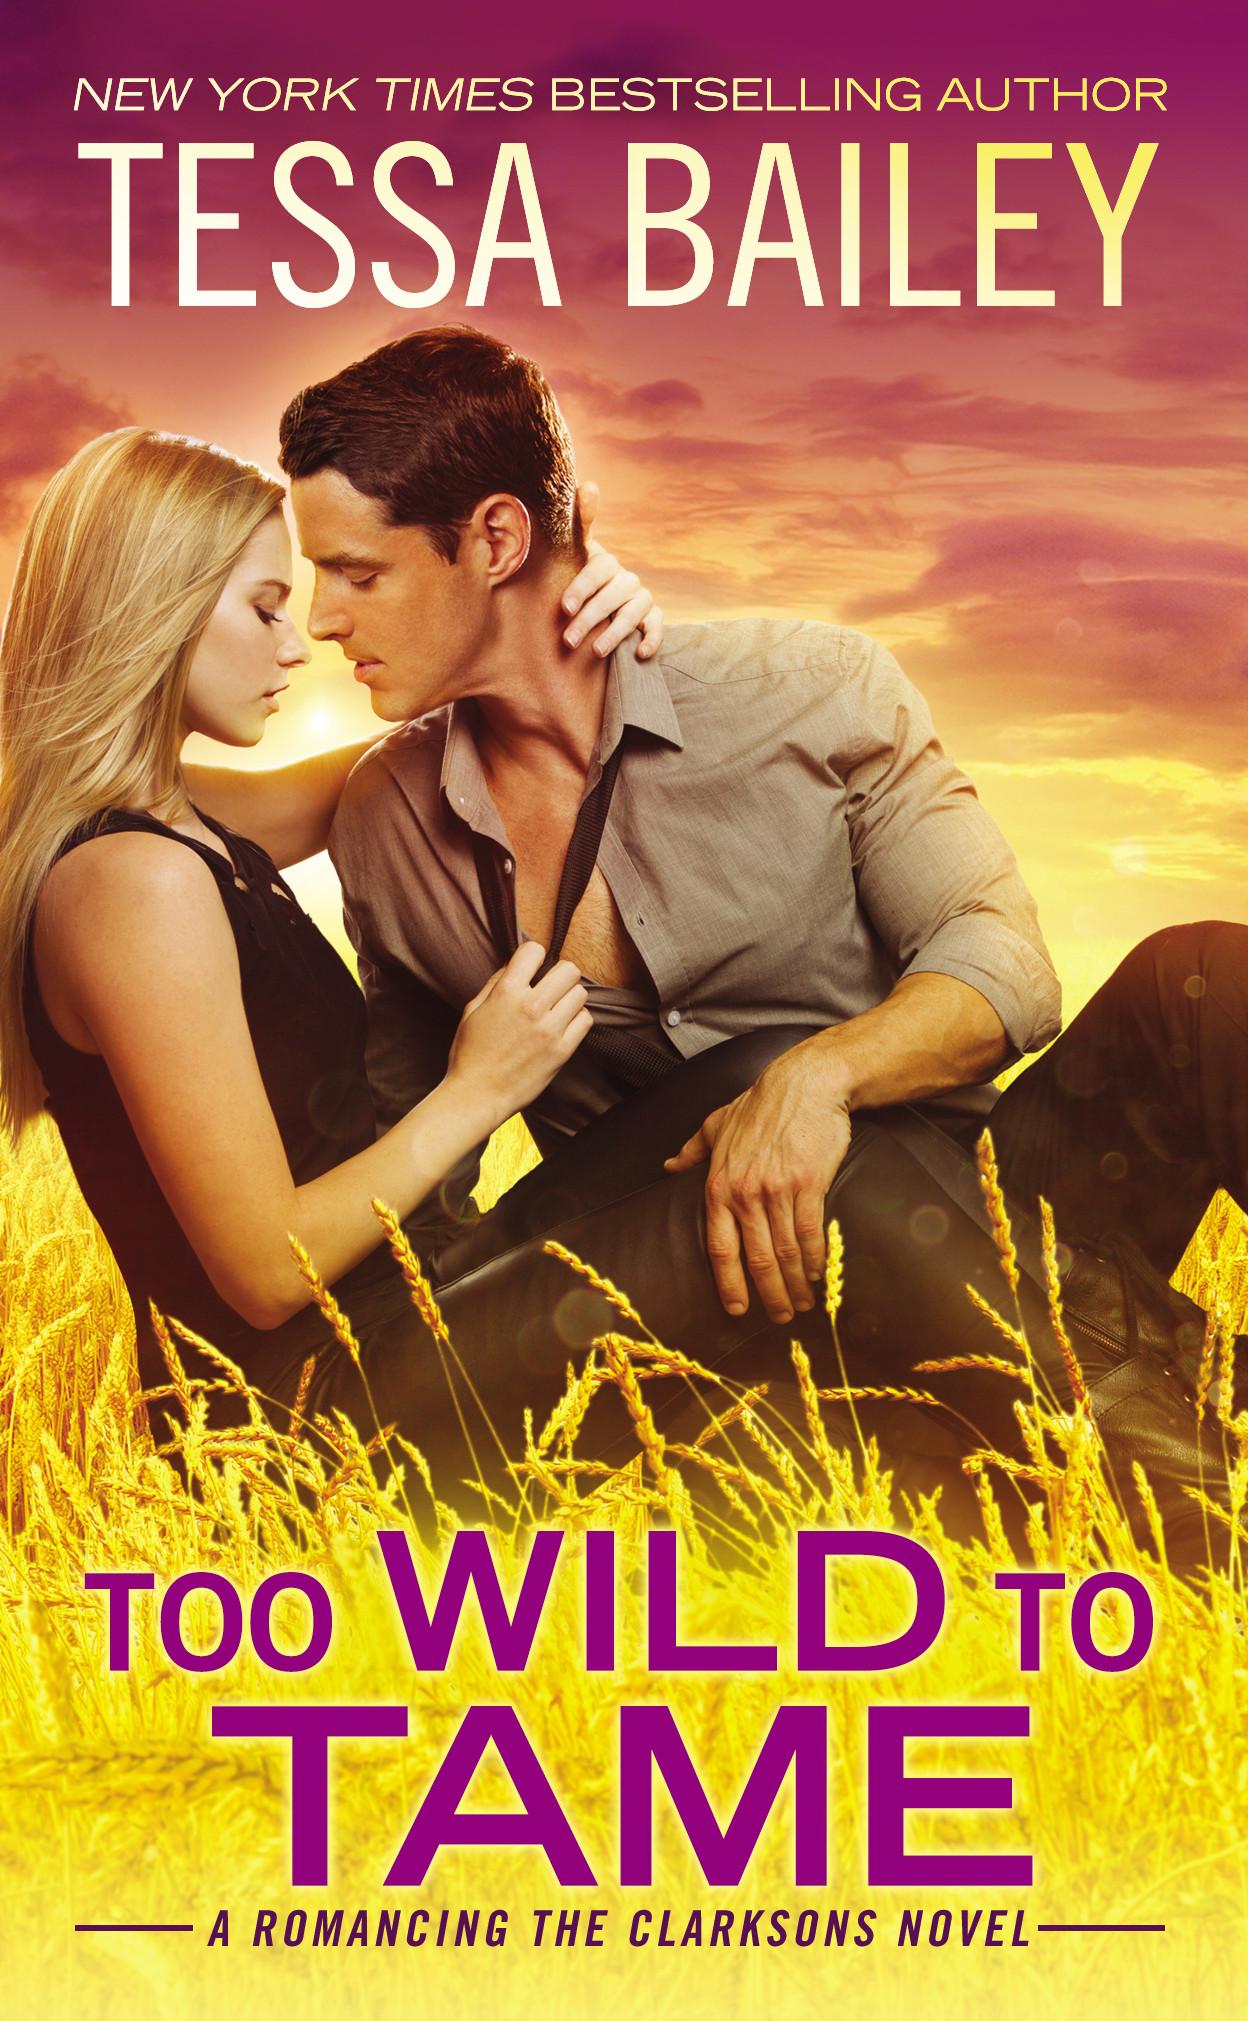 Too Wild To Tame